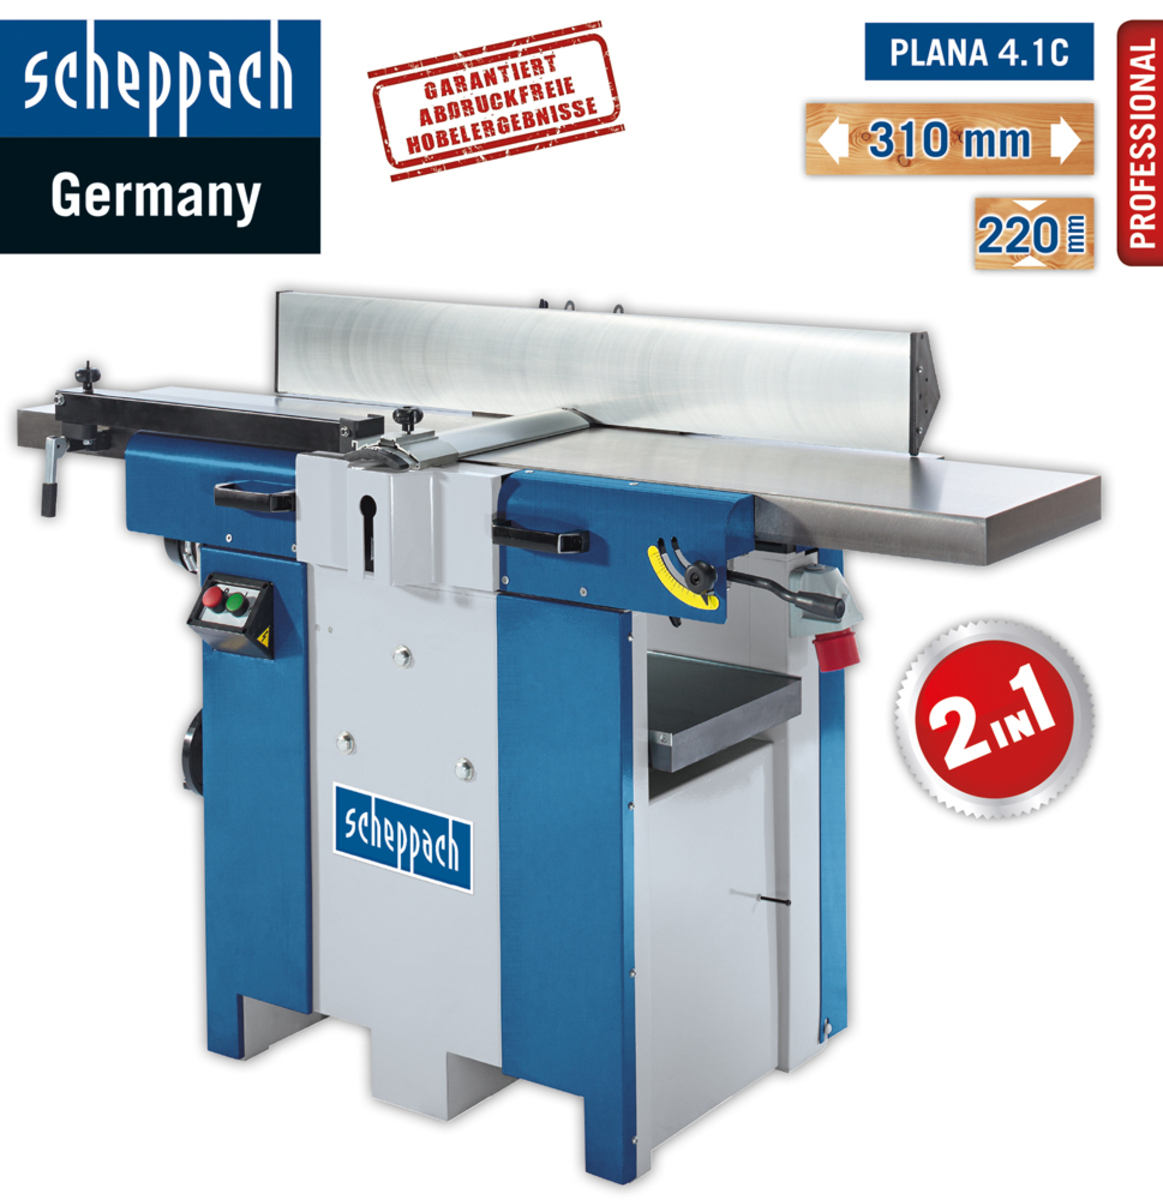 Bild 1 von Scheppach Abricht-Dickenhobel Plana 4.1c 230V/50Hz 2.5 kW